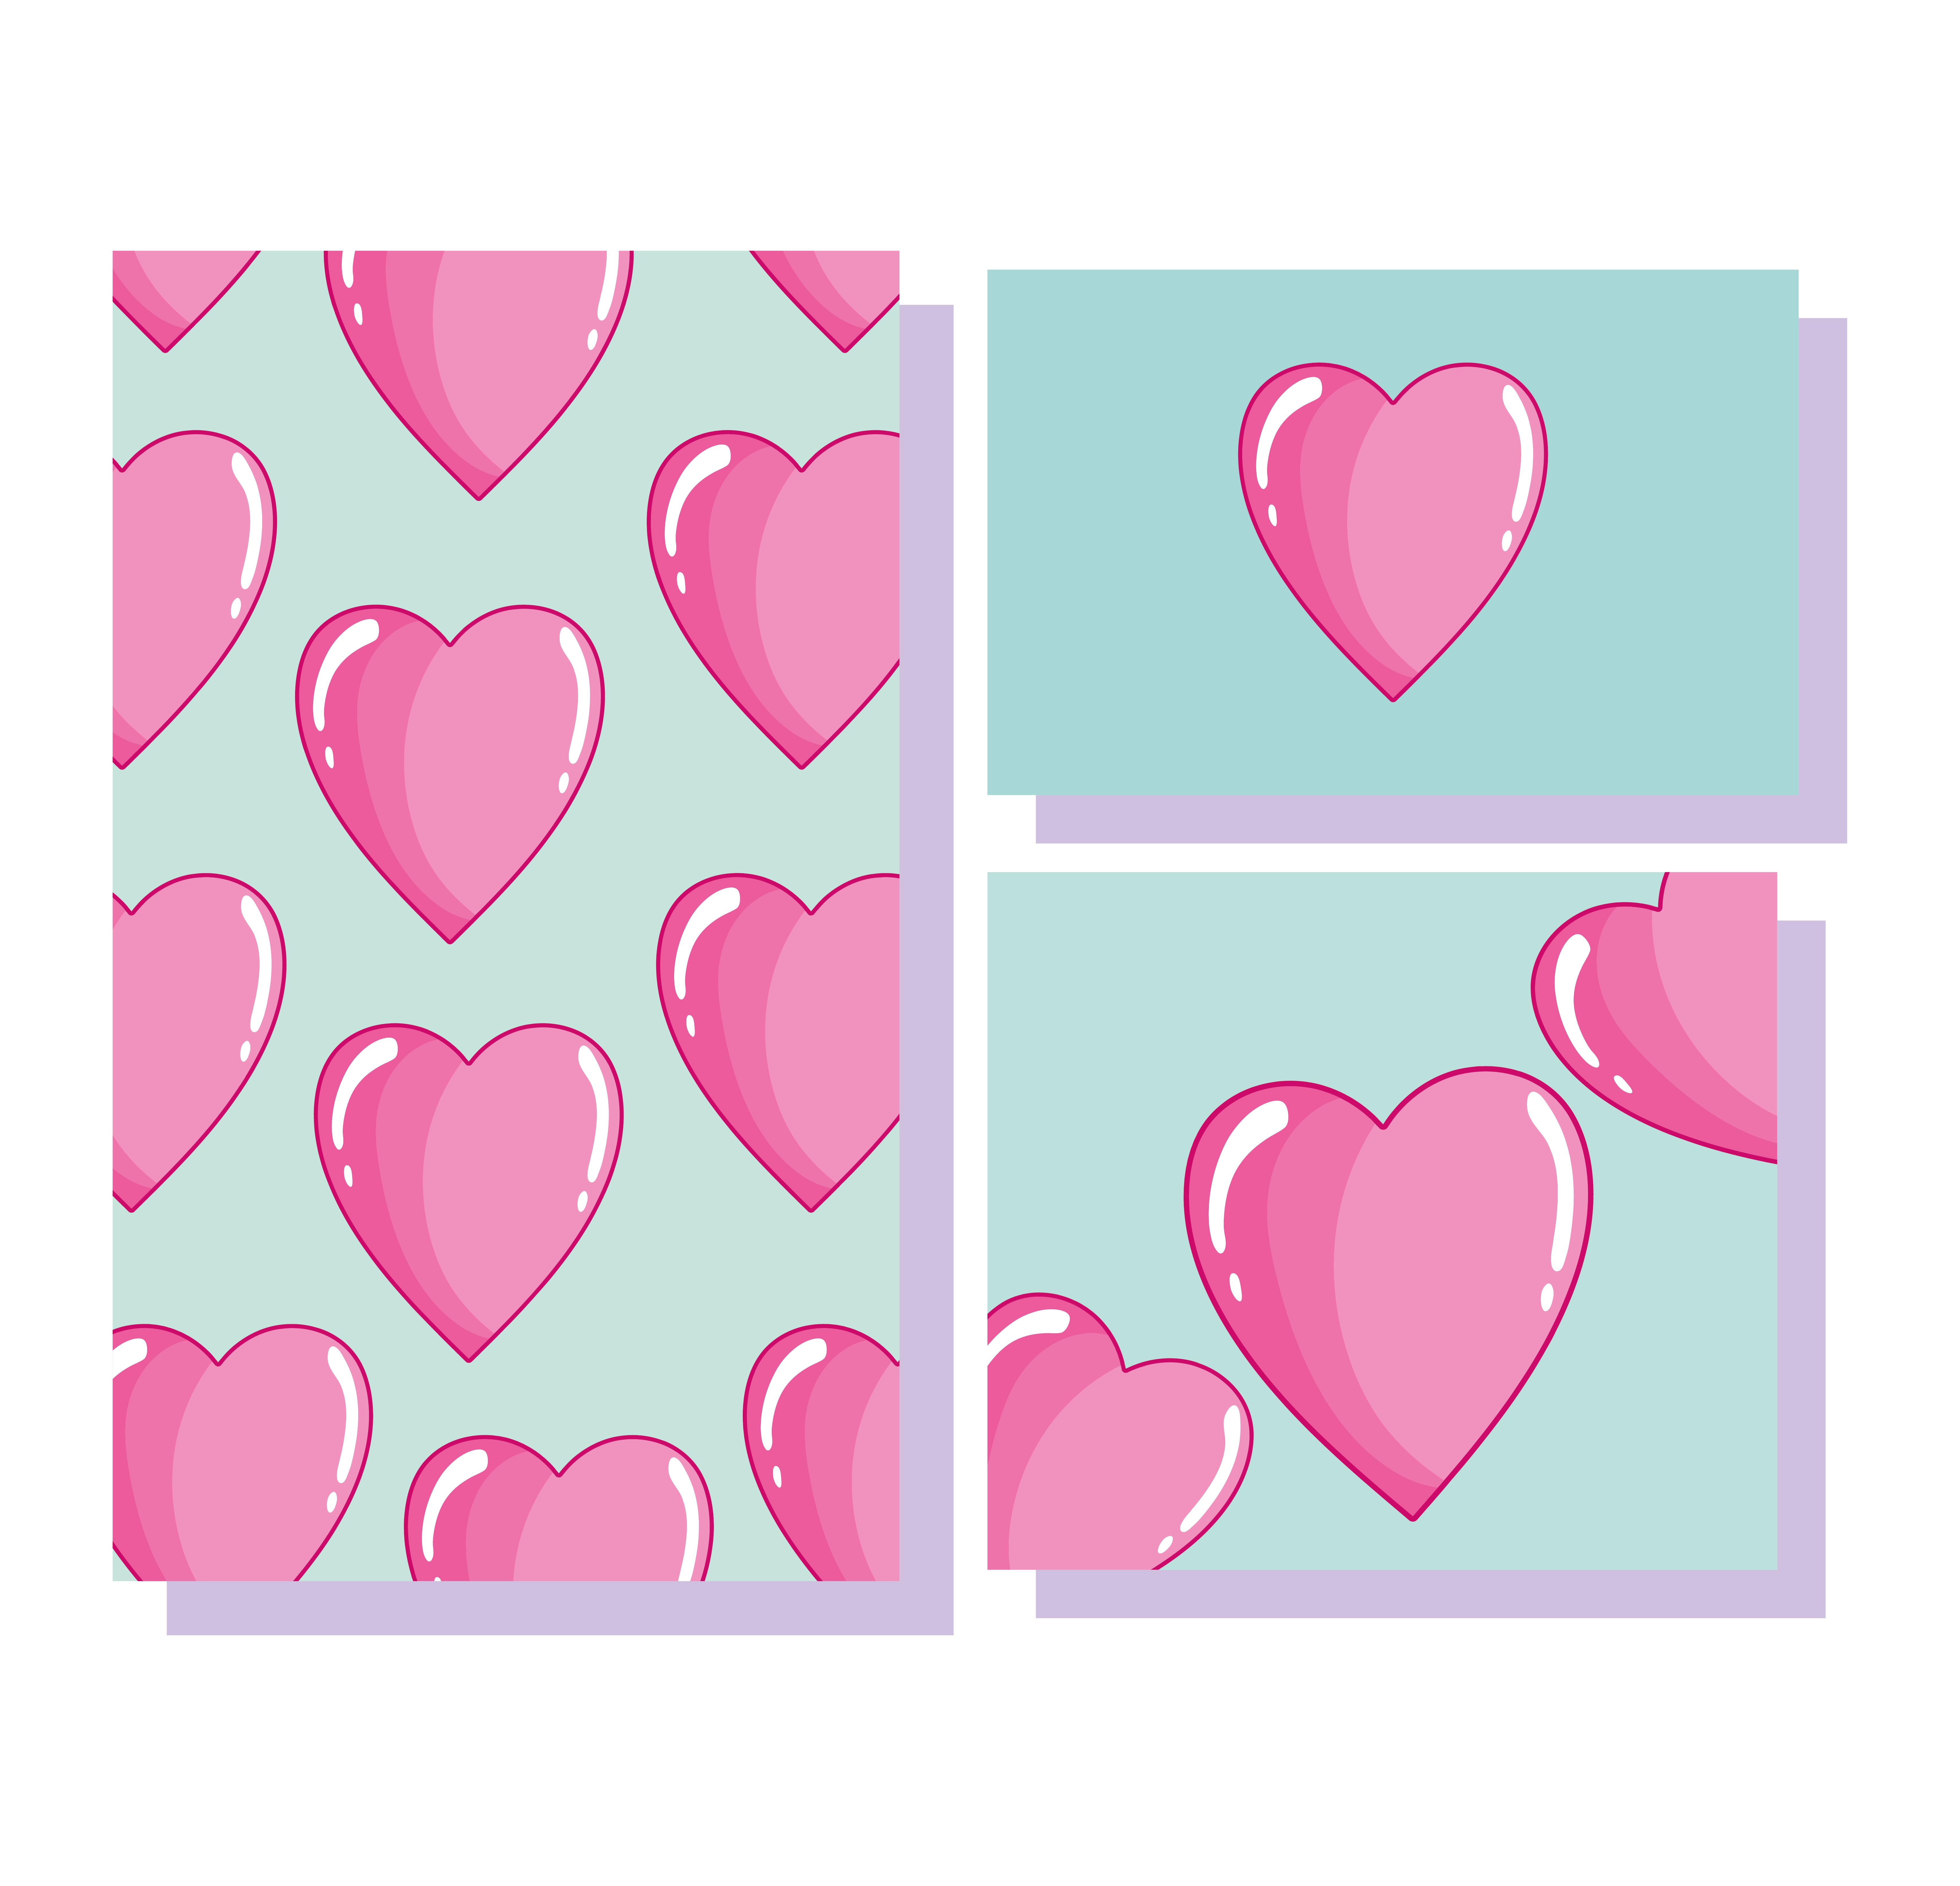 liebe romantische herzen cartoon dekoration banner